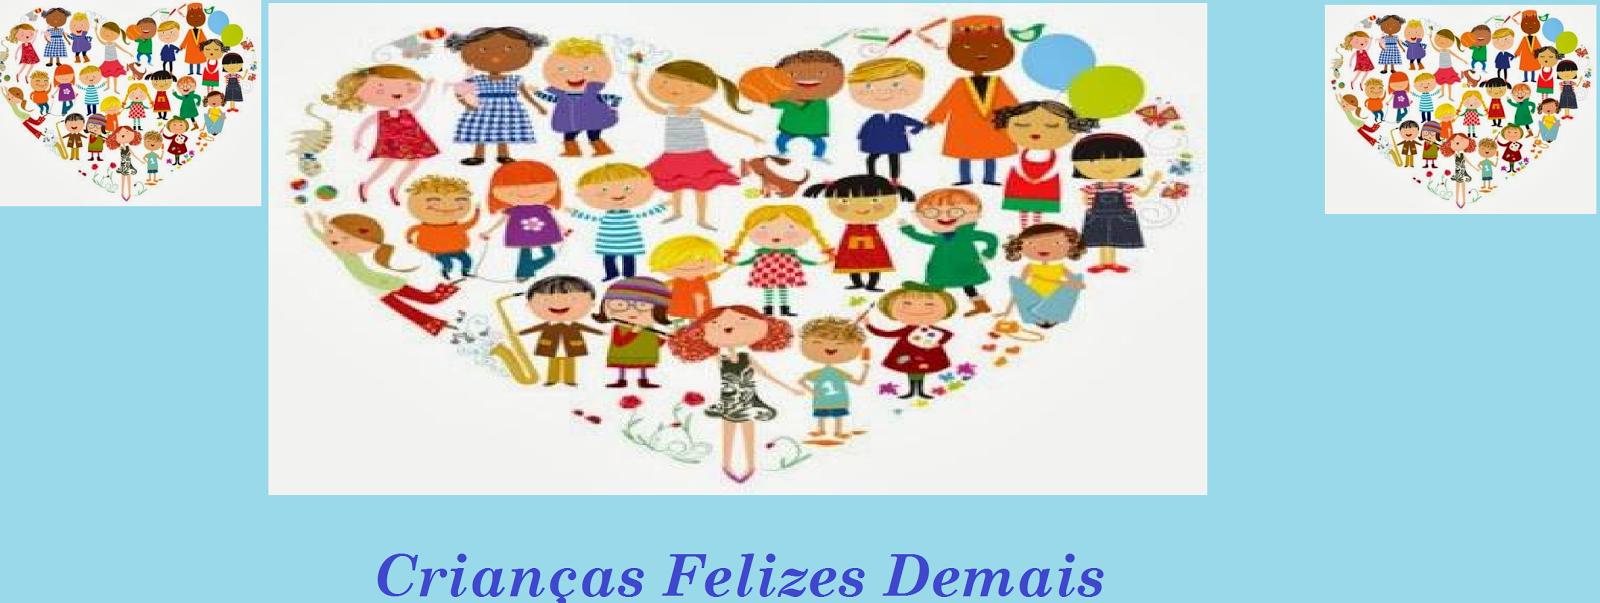 Crianças felizes Demais